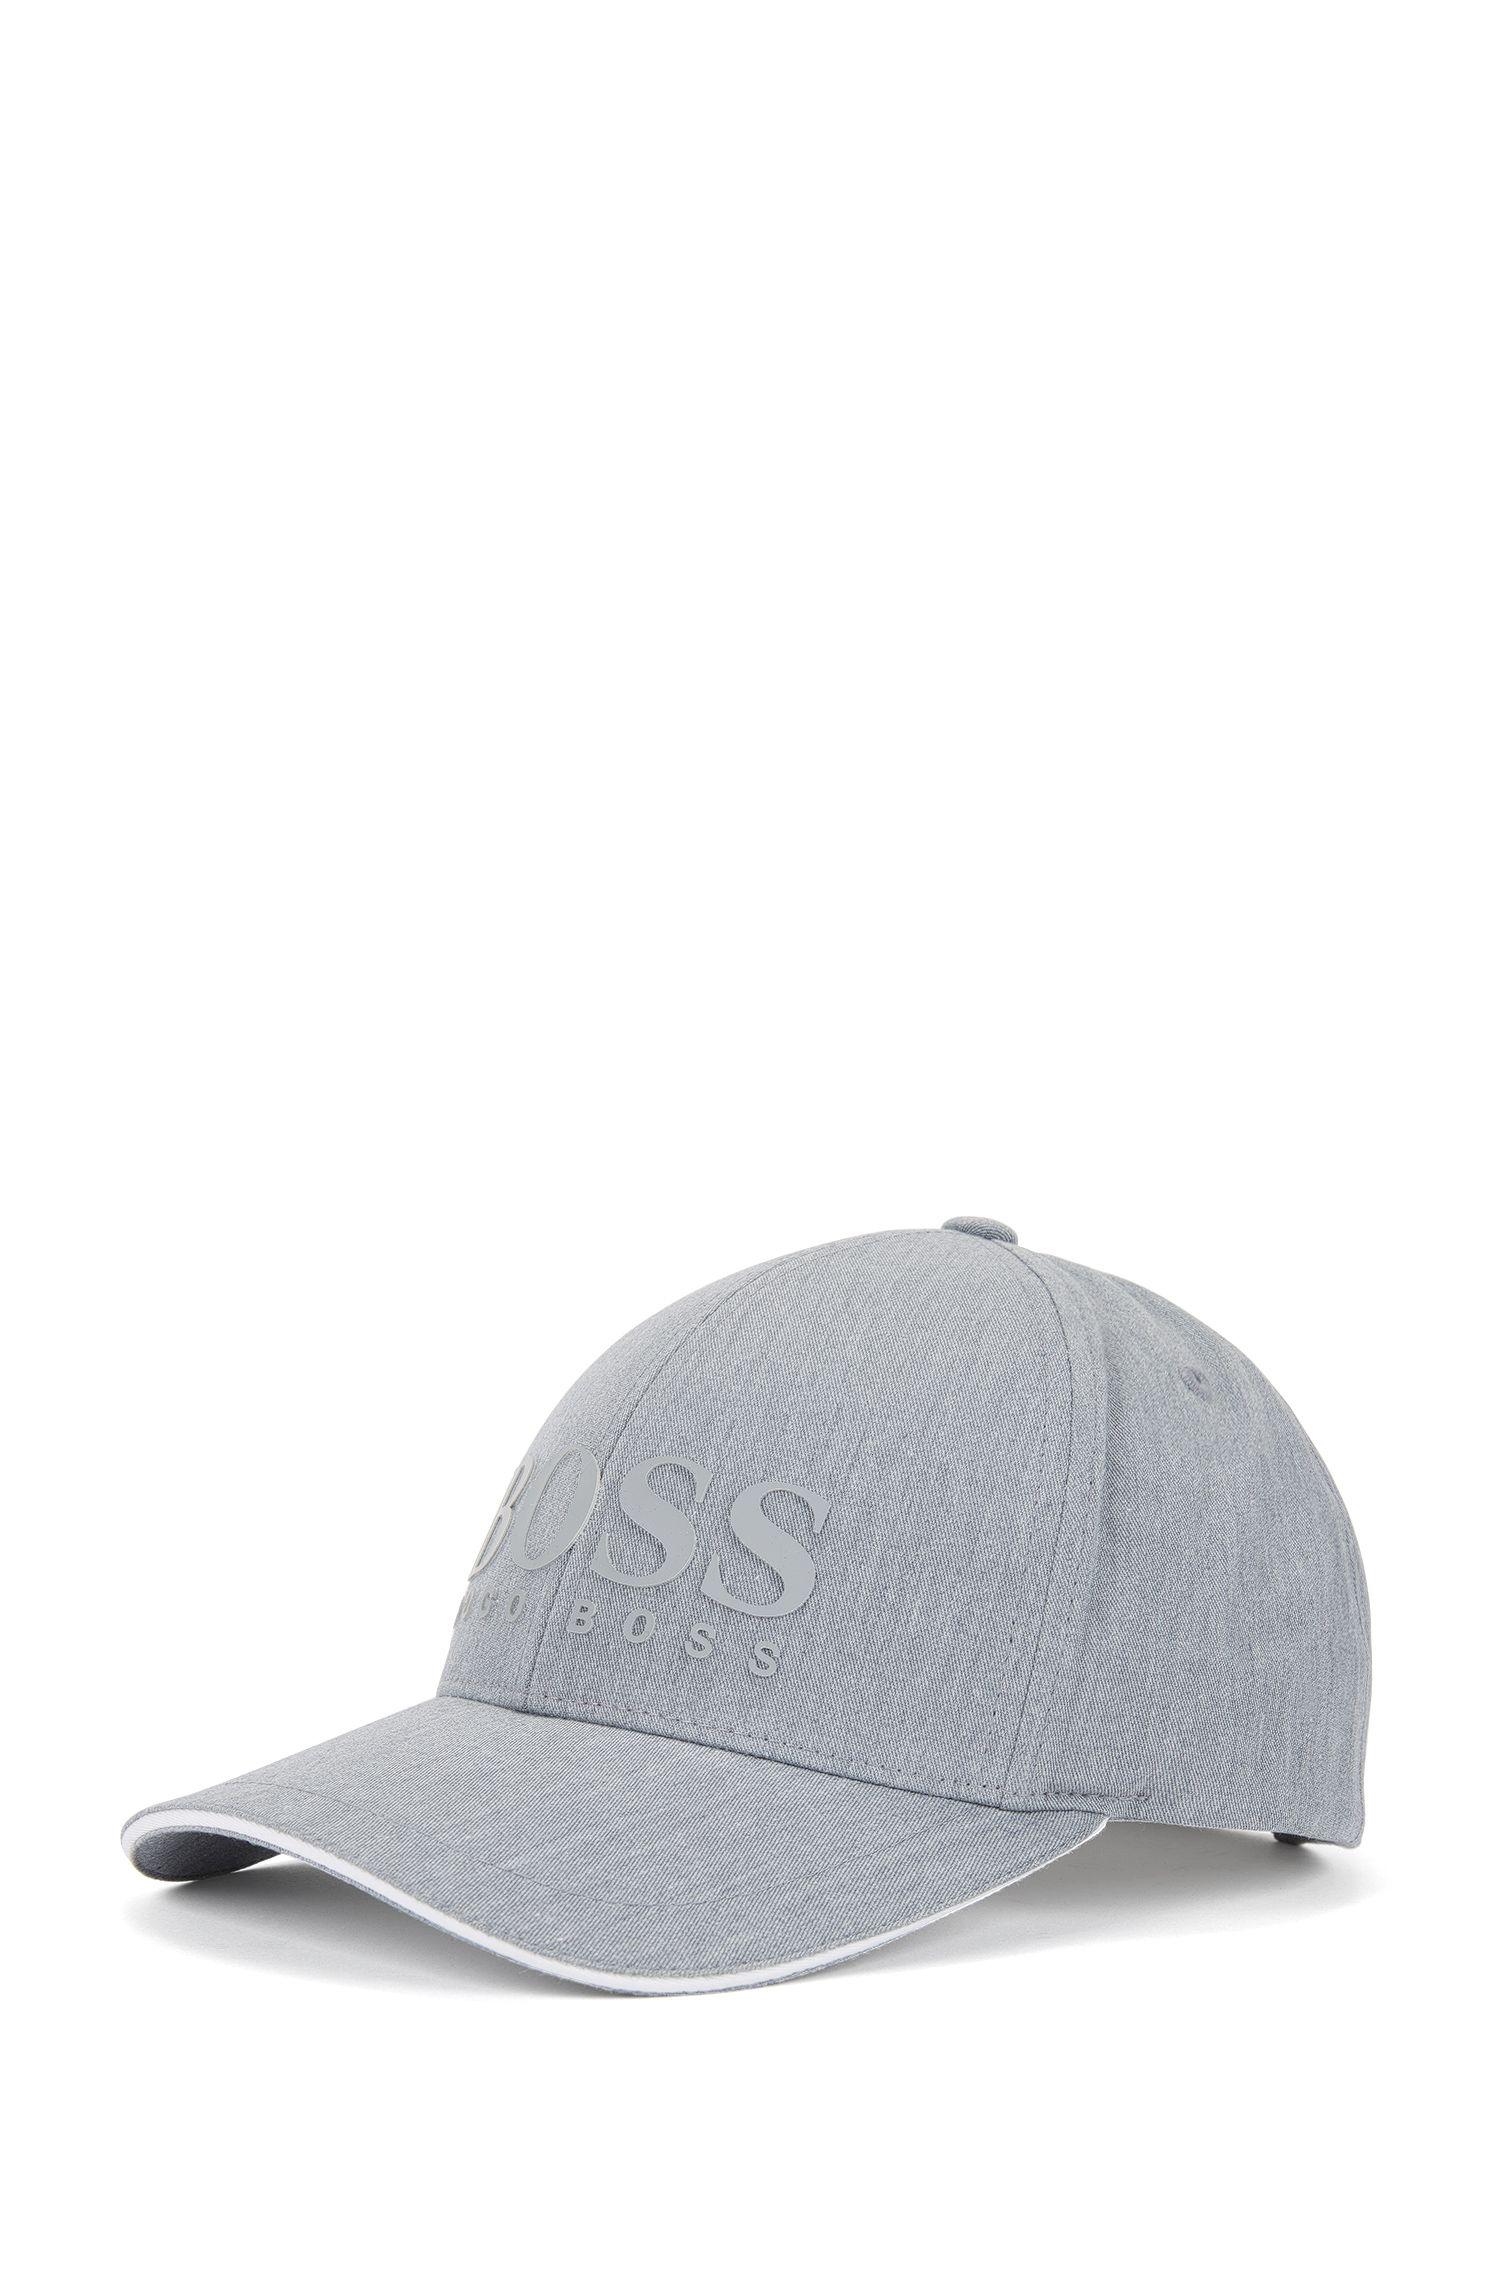 Logo Baseball Cap | BOSS Cap